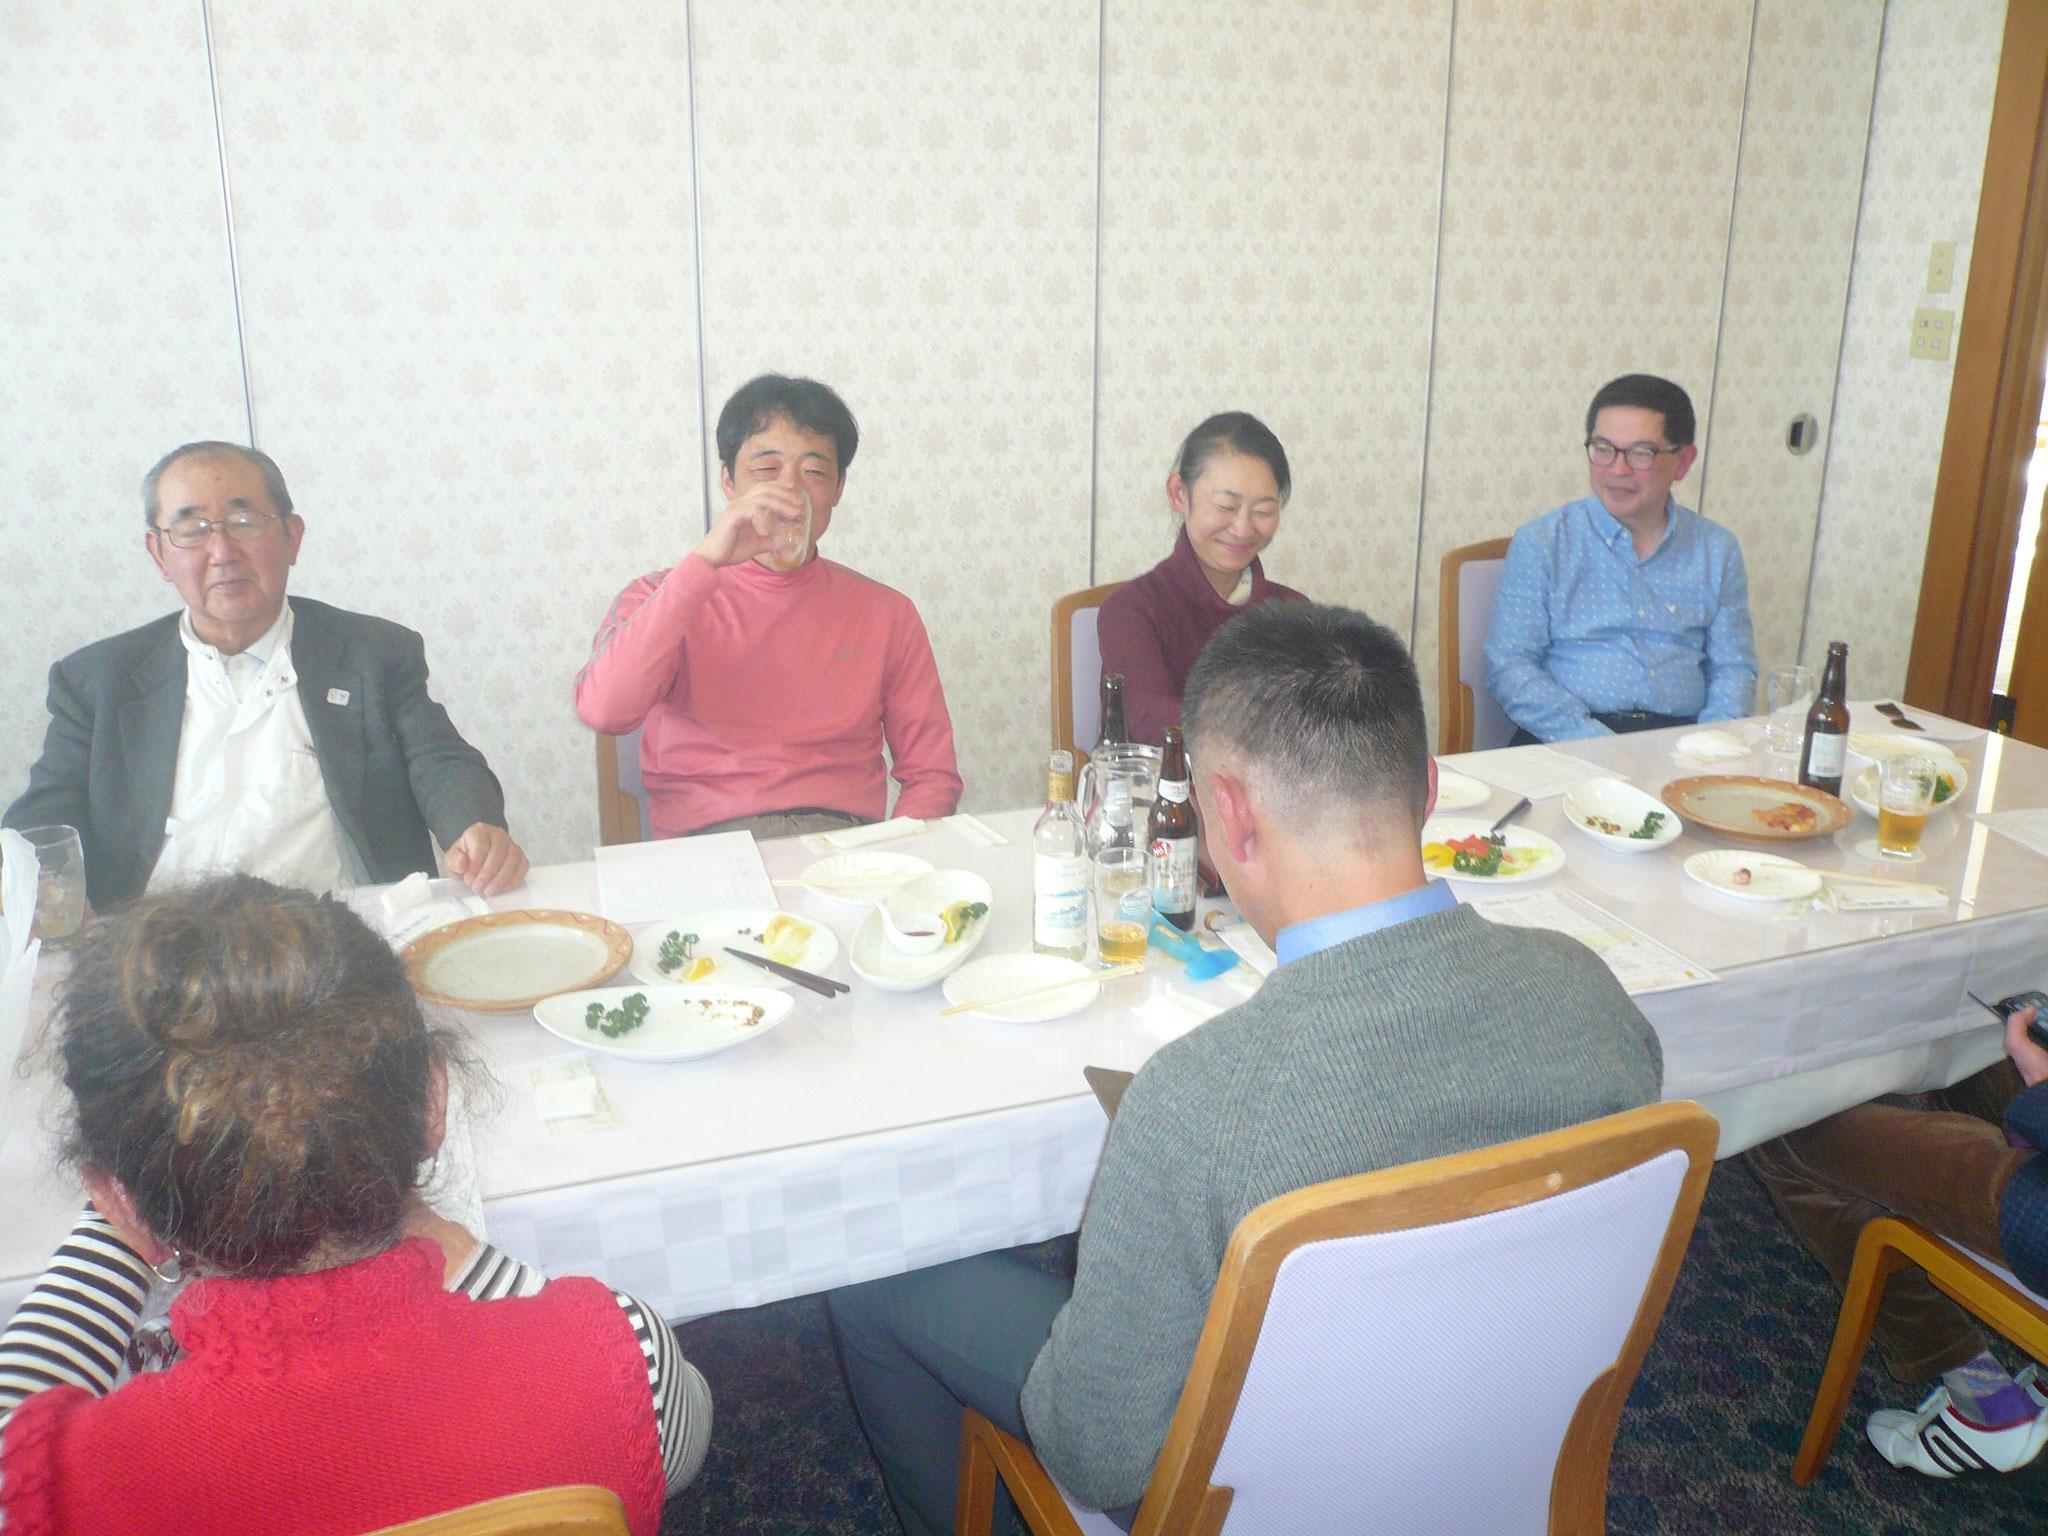 現役世代に後期高齢者も紛れ込む。一番右もう一人の世話人安田さんお世話様でした